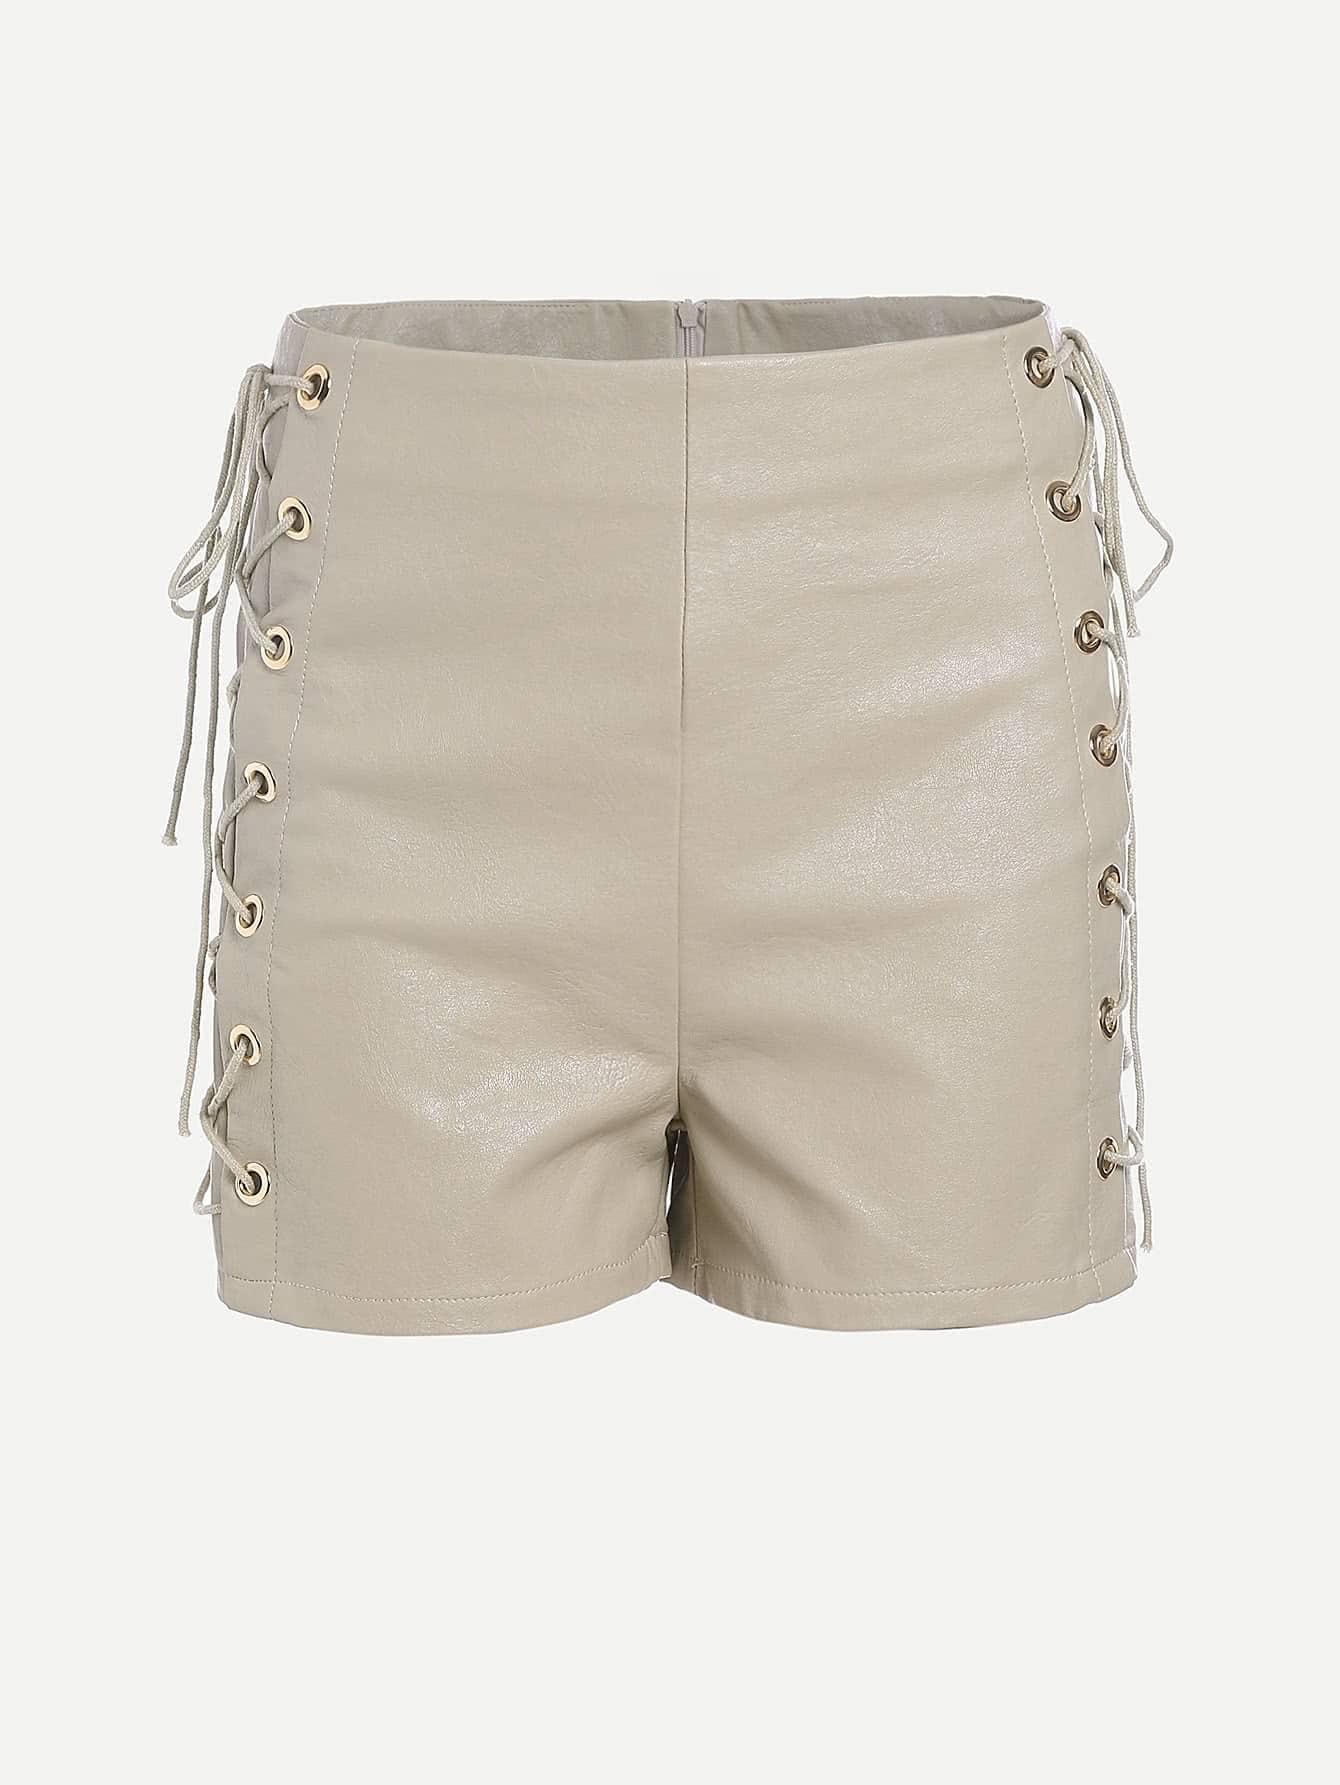 Фото High Waist Eyelet Lace Up Side Shorts. Купить с доставкой